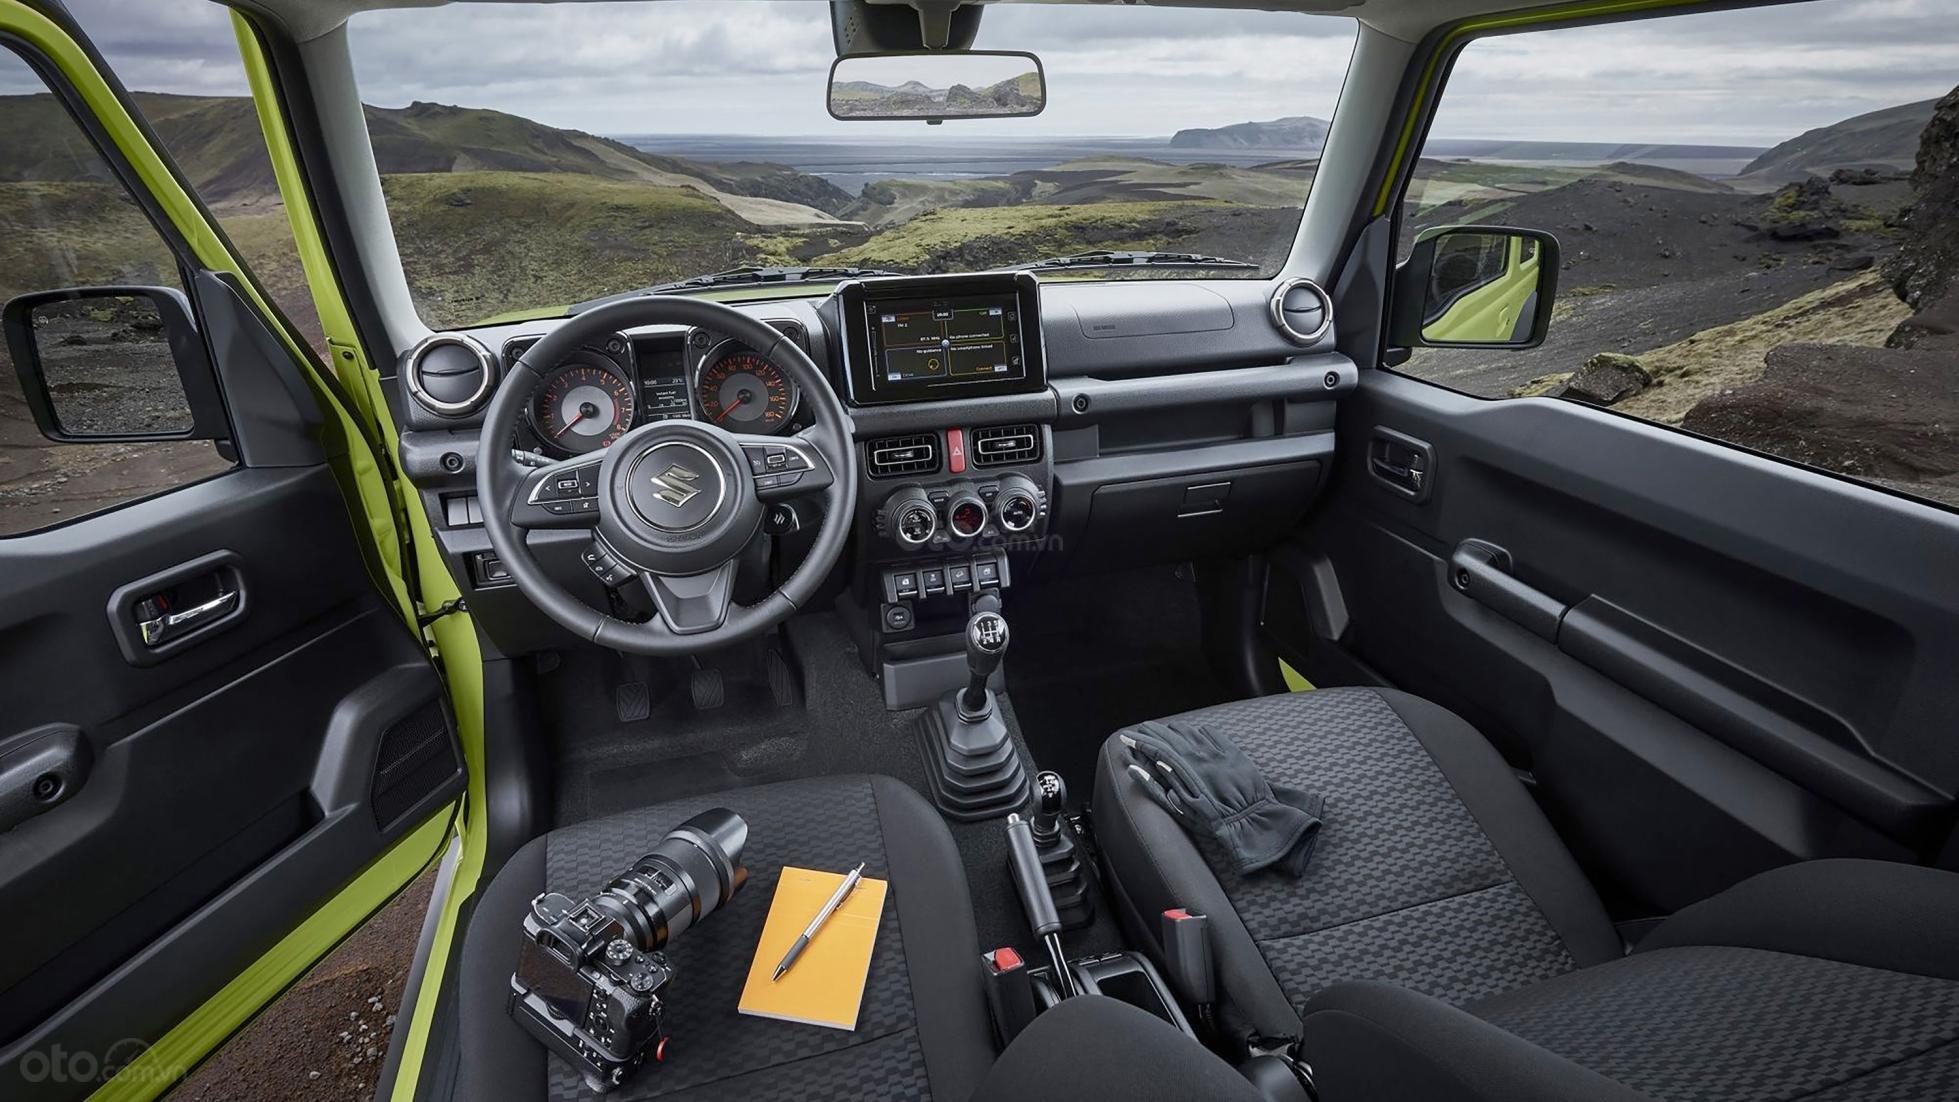 Đánh giá xe Suzuki Jimny 2020 về khoang nội thất.